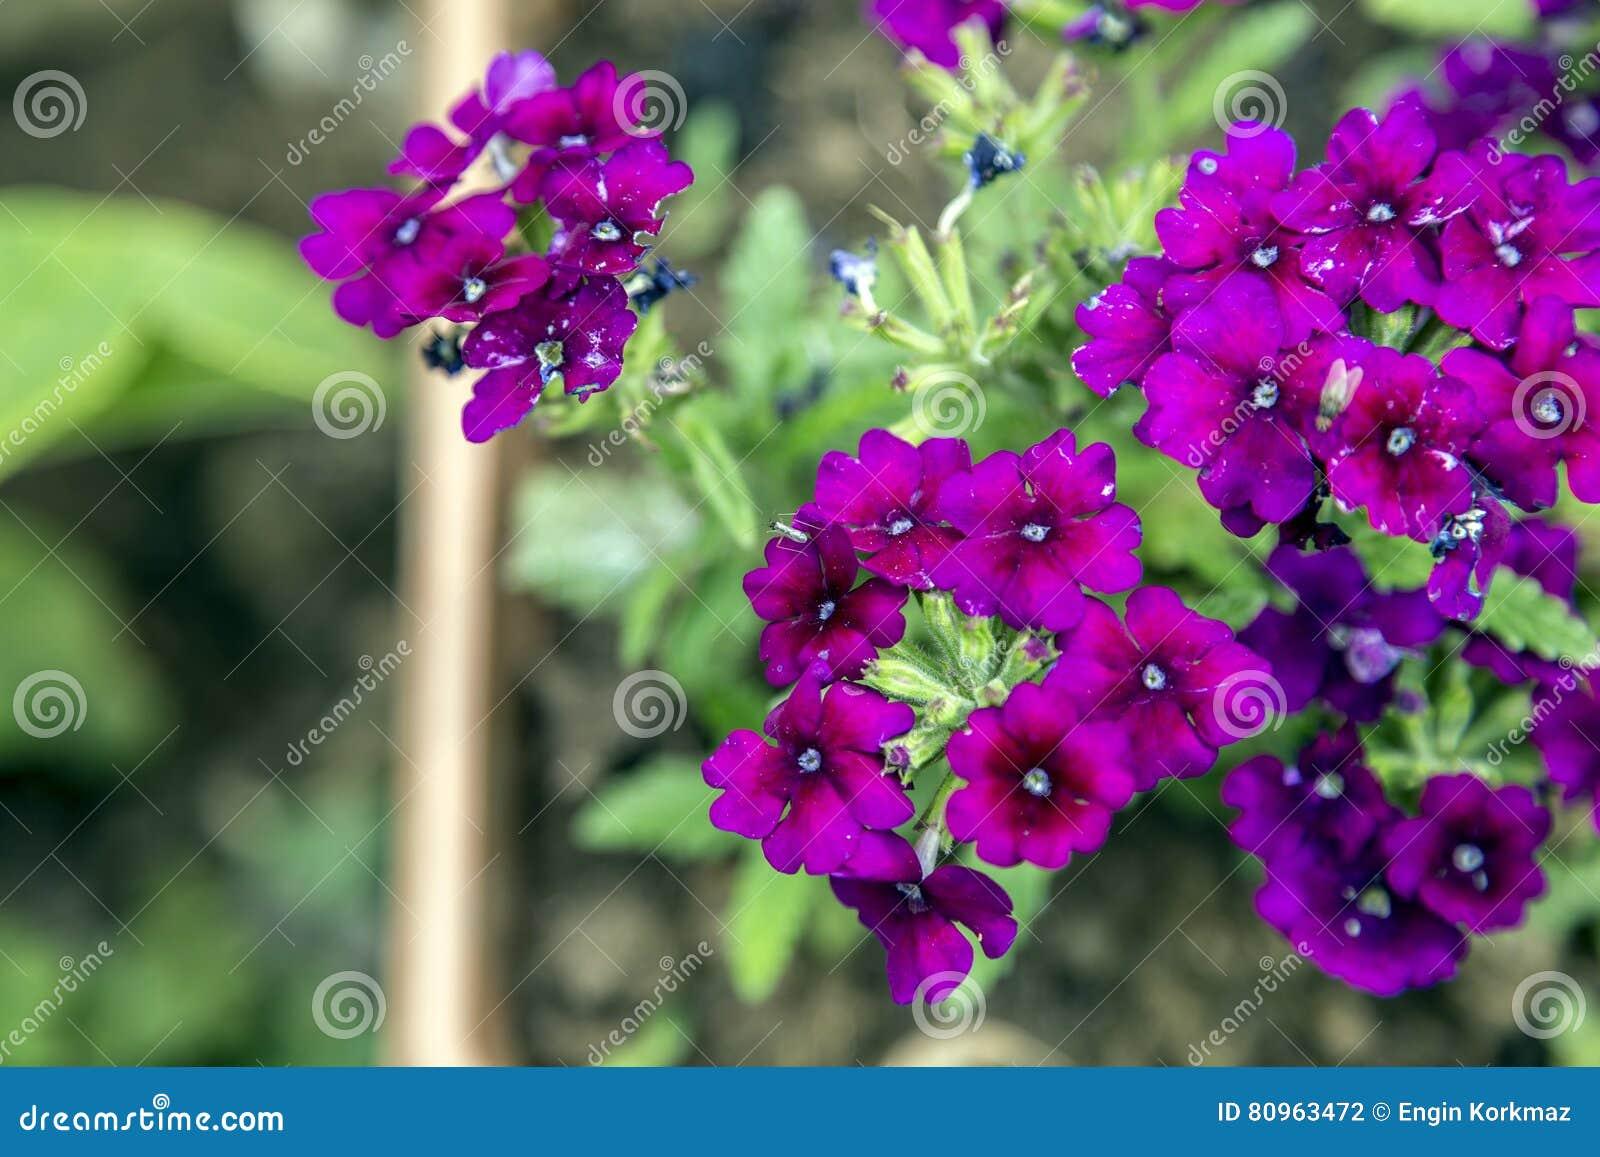 Fiori Fucsia.Fiori Fucsia Fotografia Stock Immagine Di Background 80963472